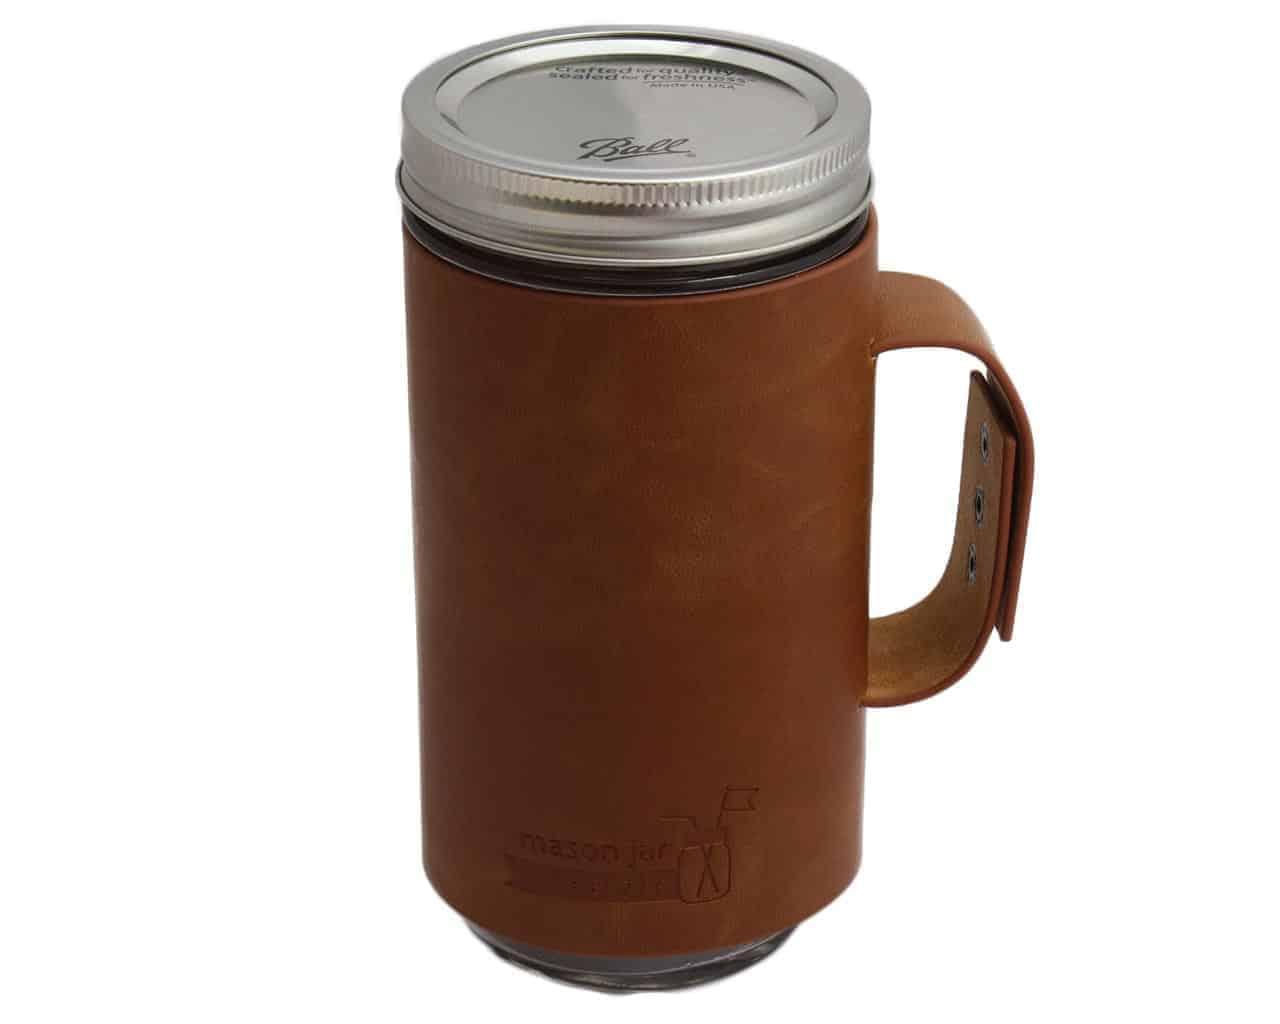 ... sleeve with handle / travel mug on Ball pint & half 24oz Mason jar